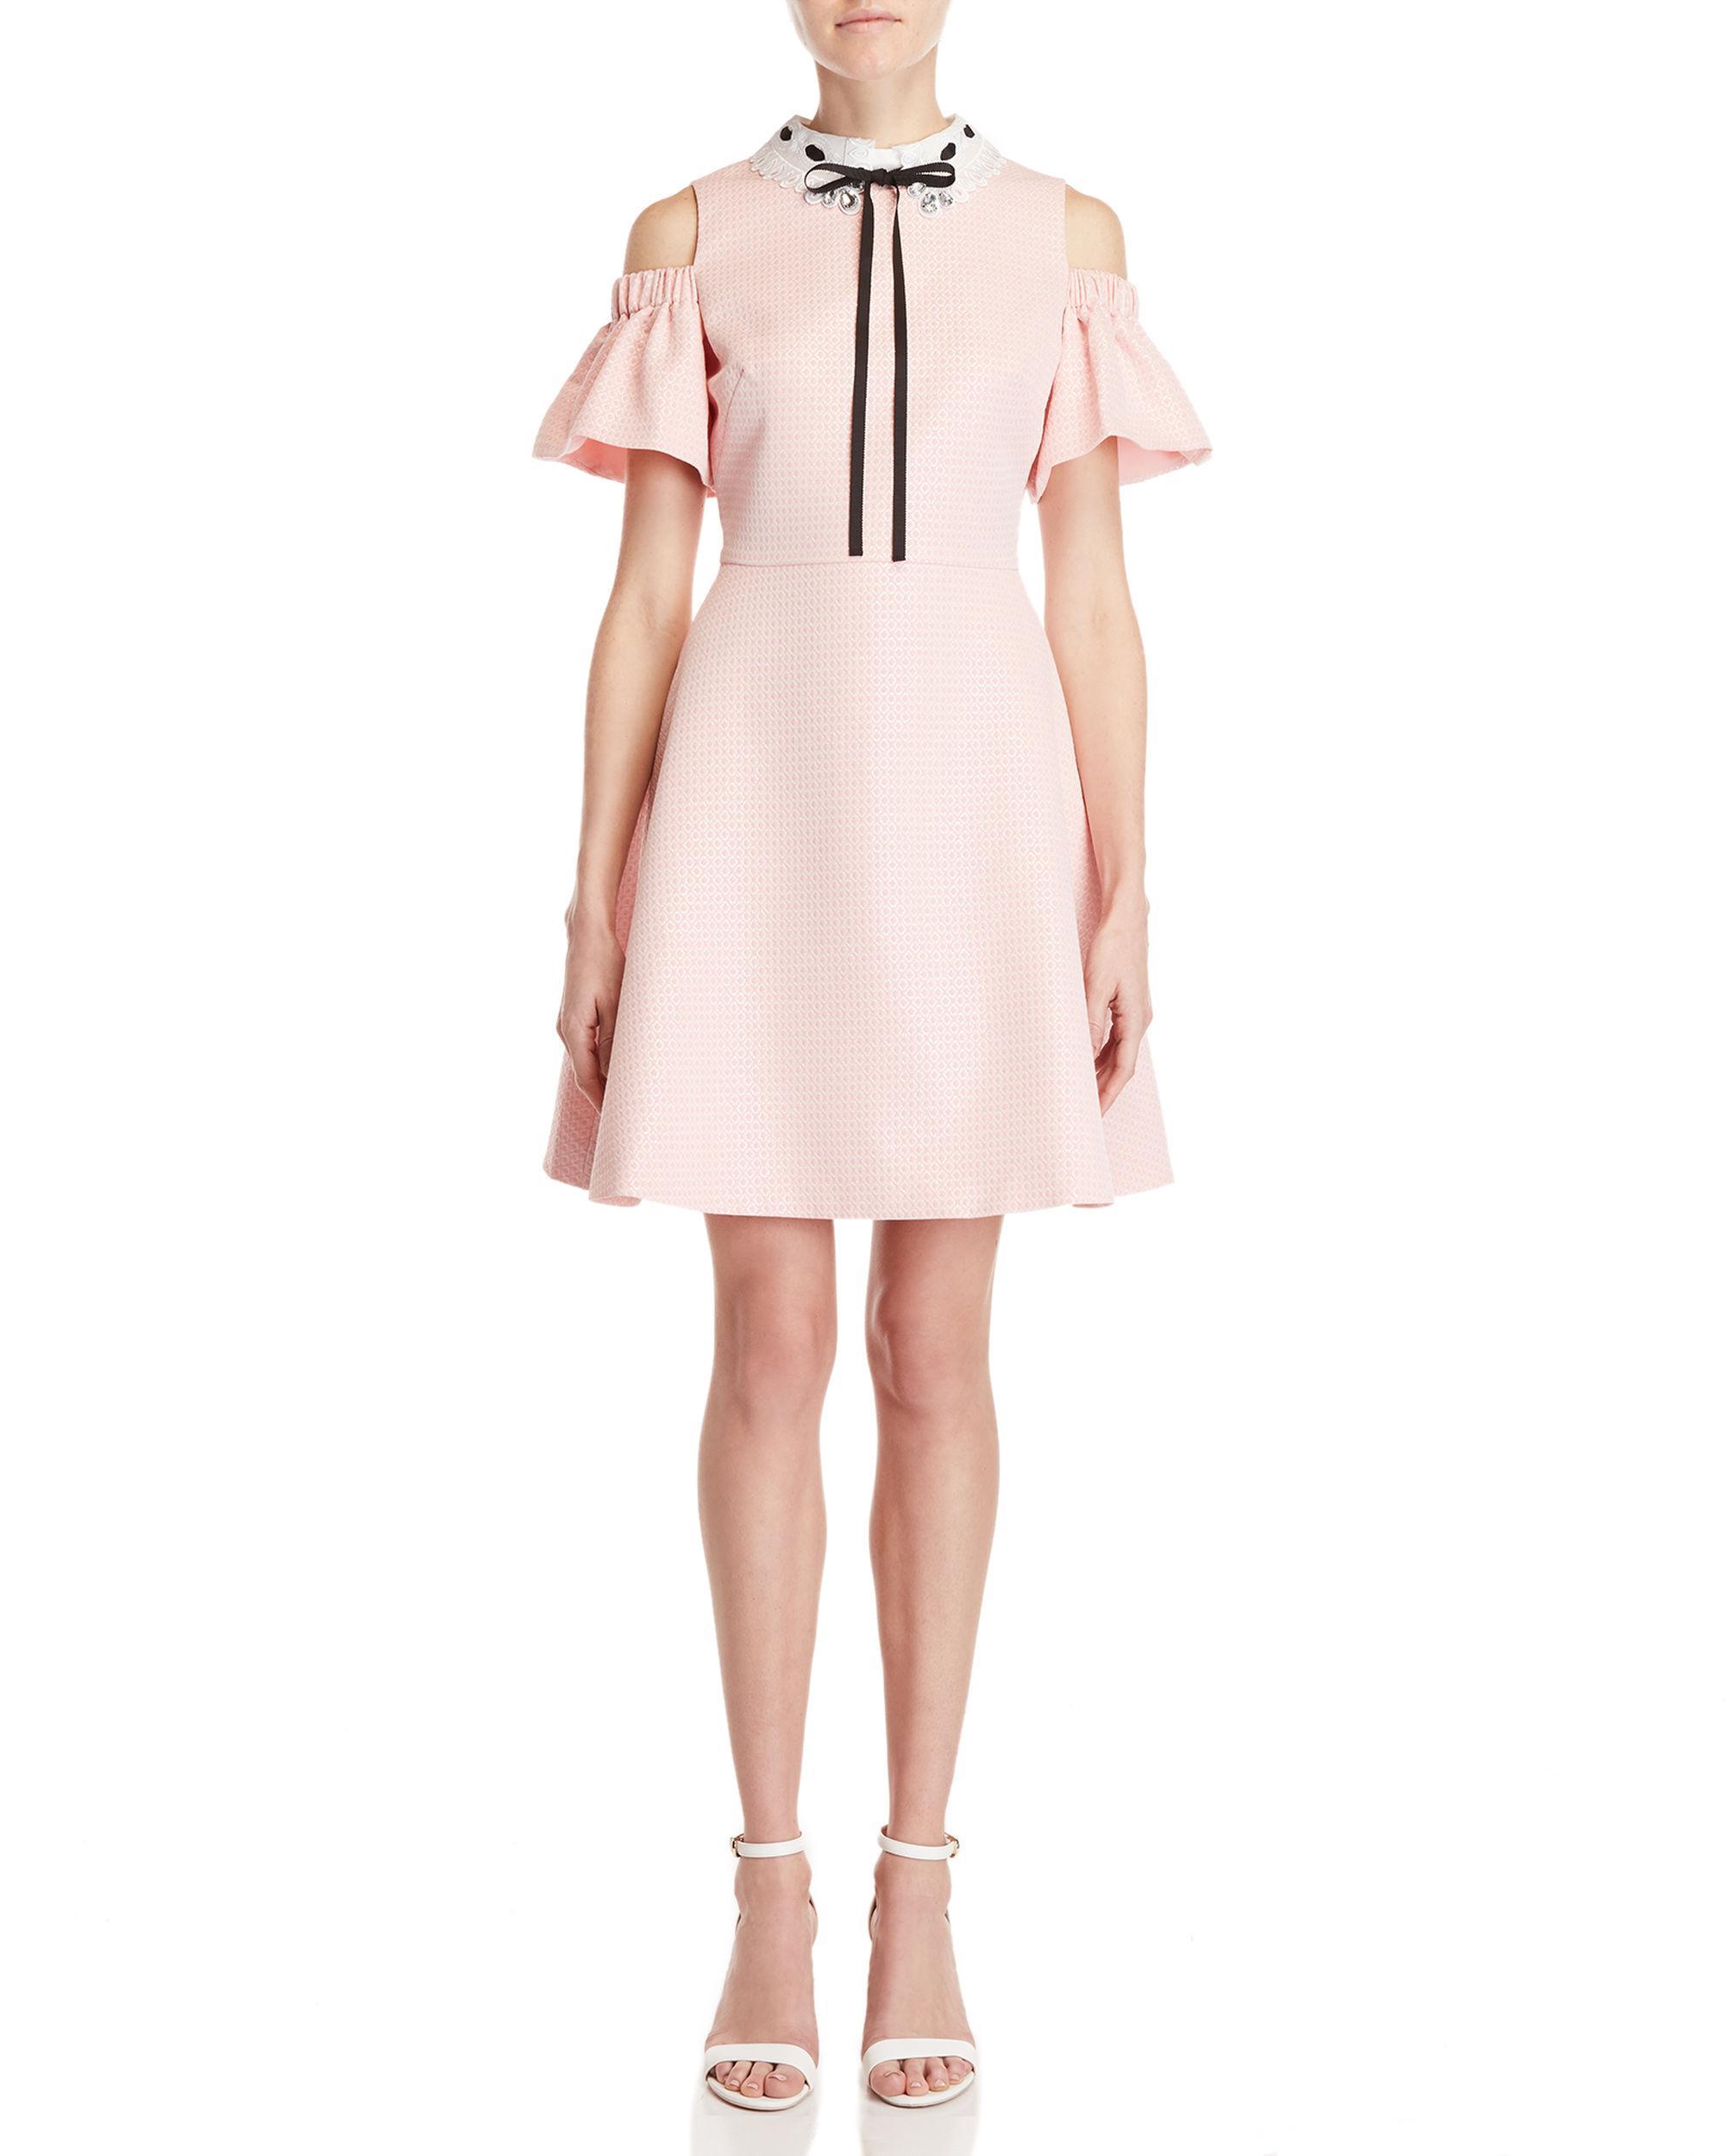 c06ea30d30 Lyst - Ted Baker Jacquard Cold Shoulder Dress in Pink